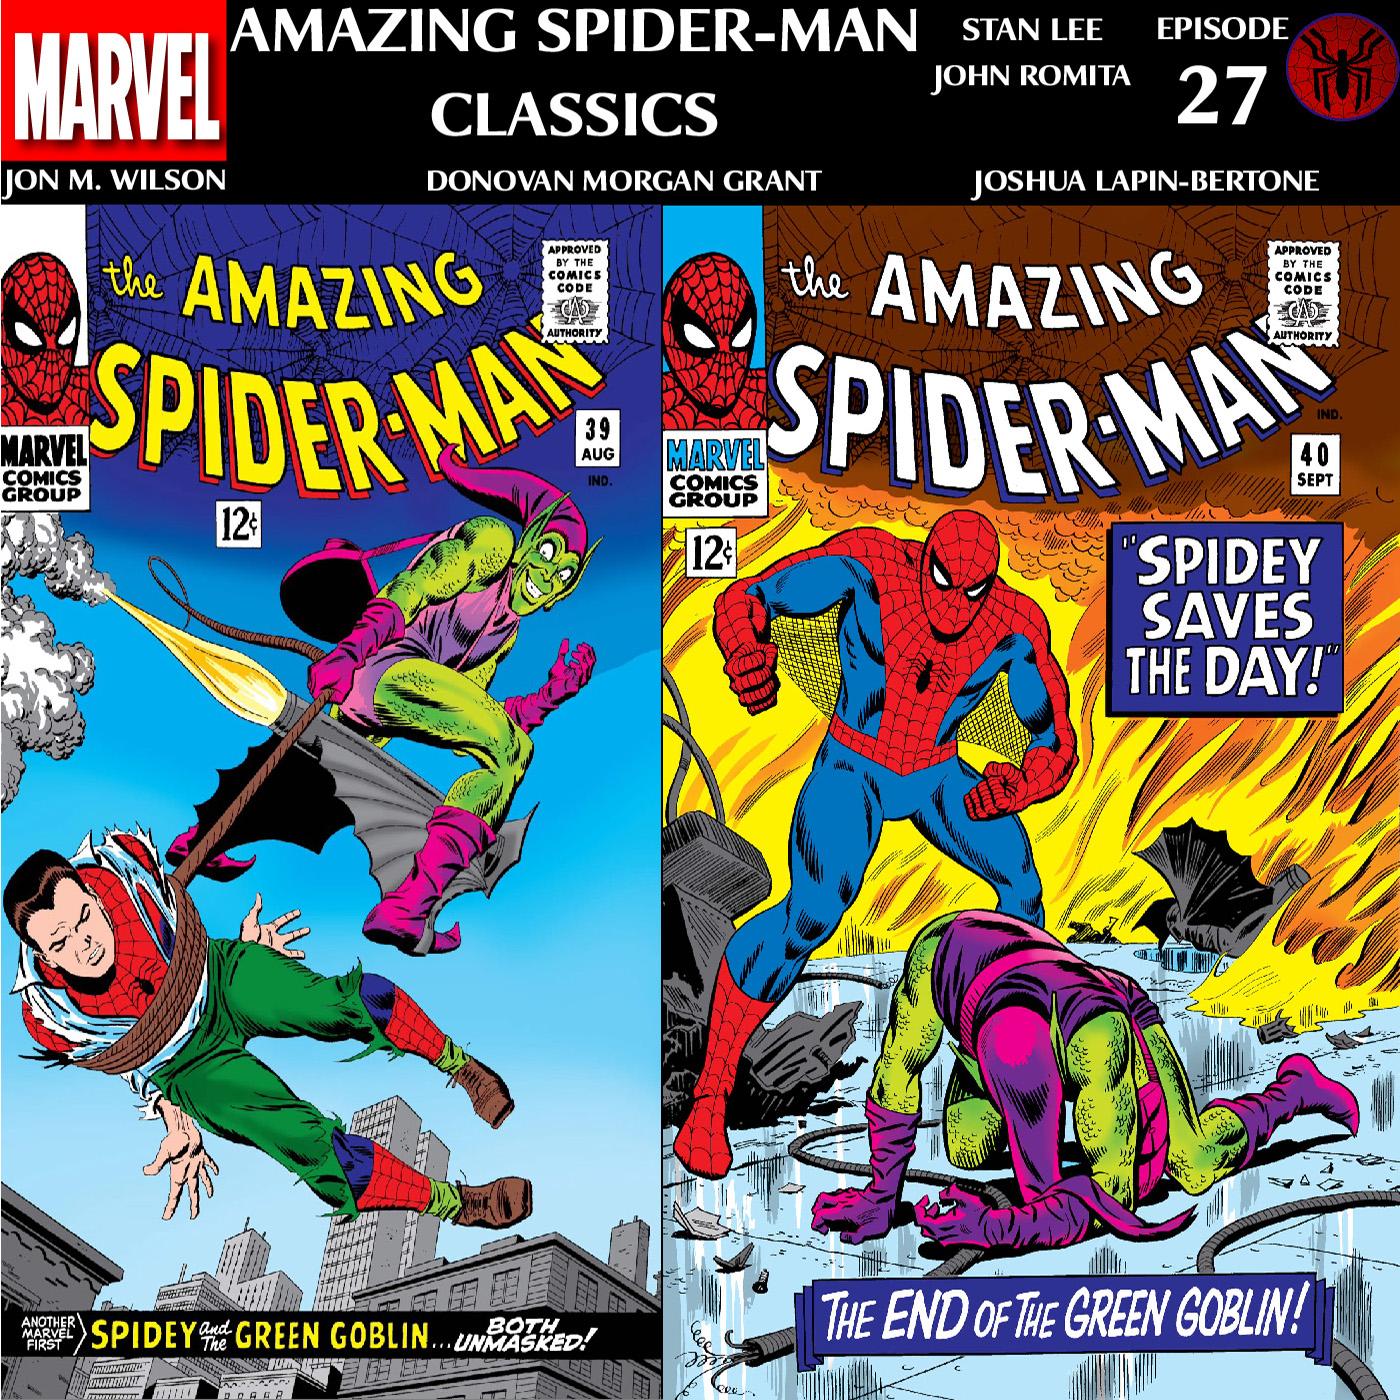 ASM Classics Episode 27: Amazing Spider-Man 39 & 40